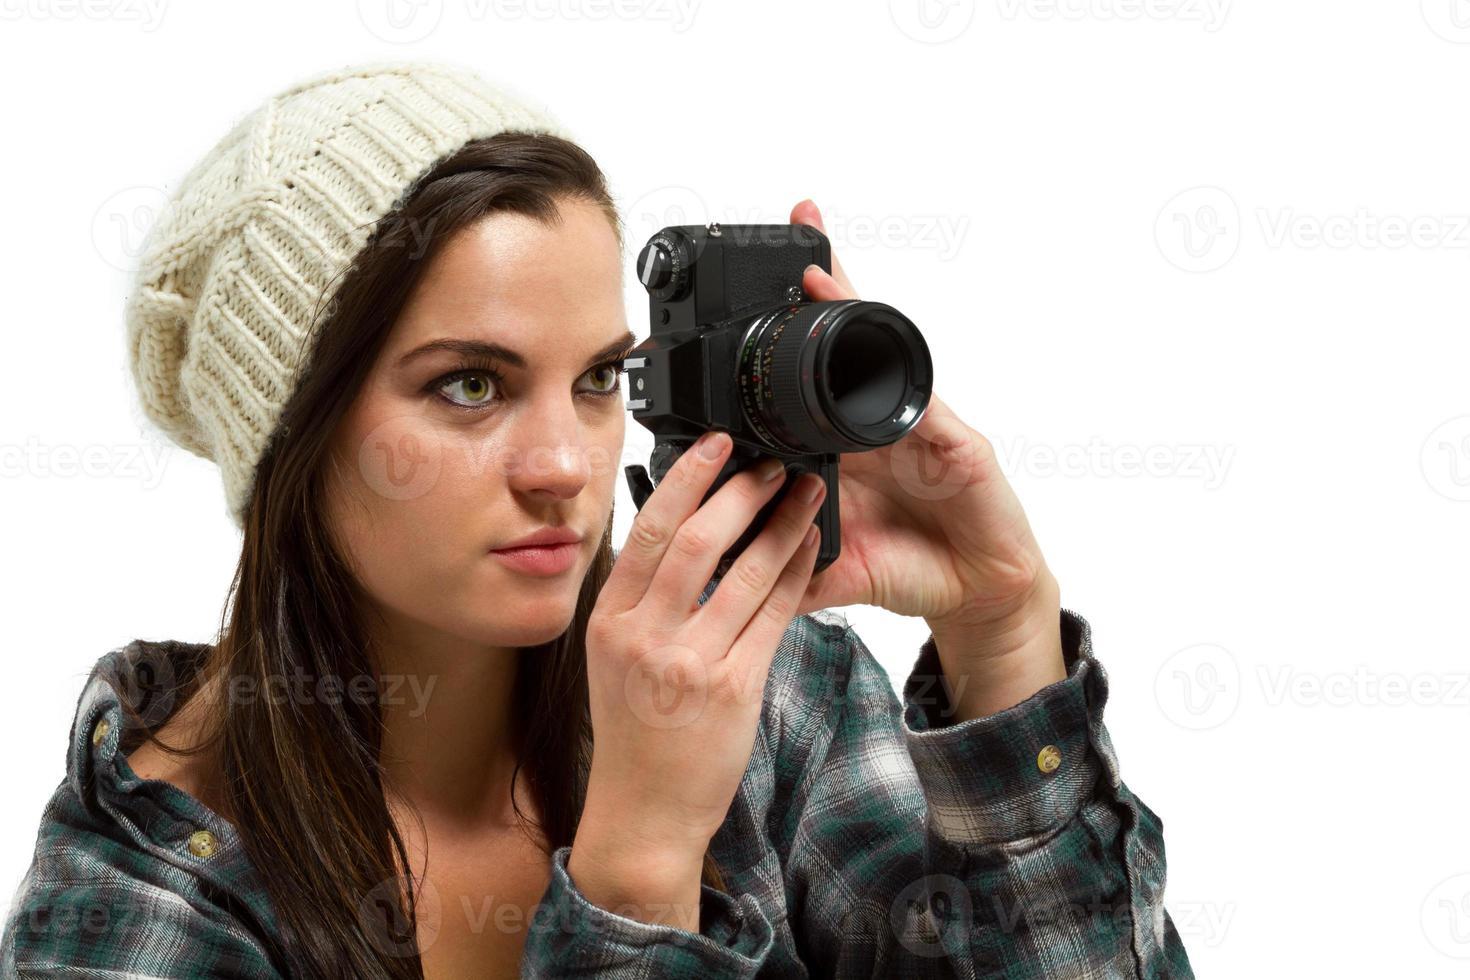 jonge vrouw met bruin haar houdt camera foto